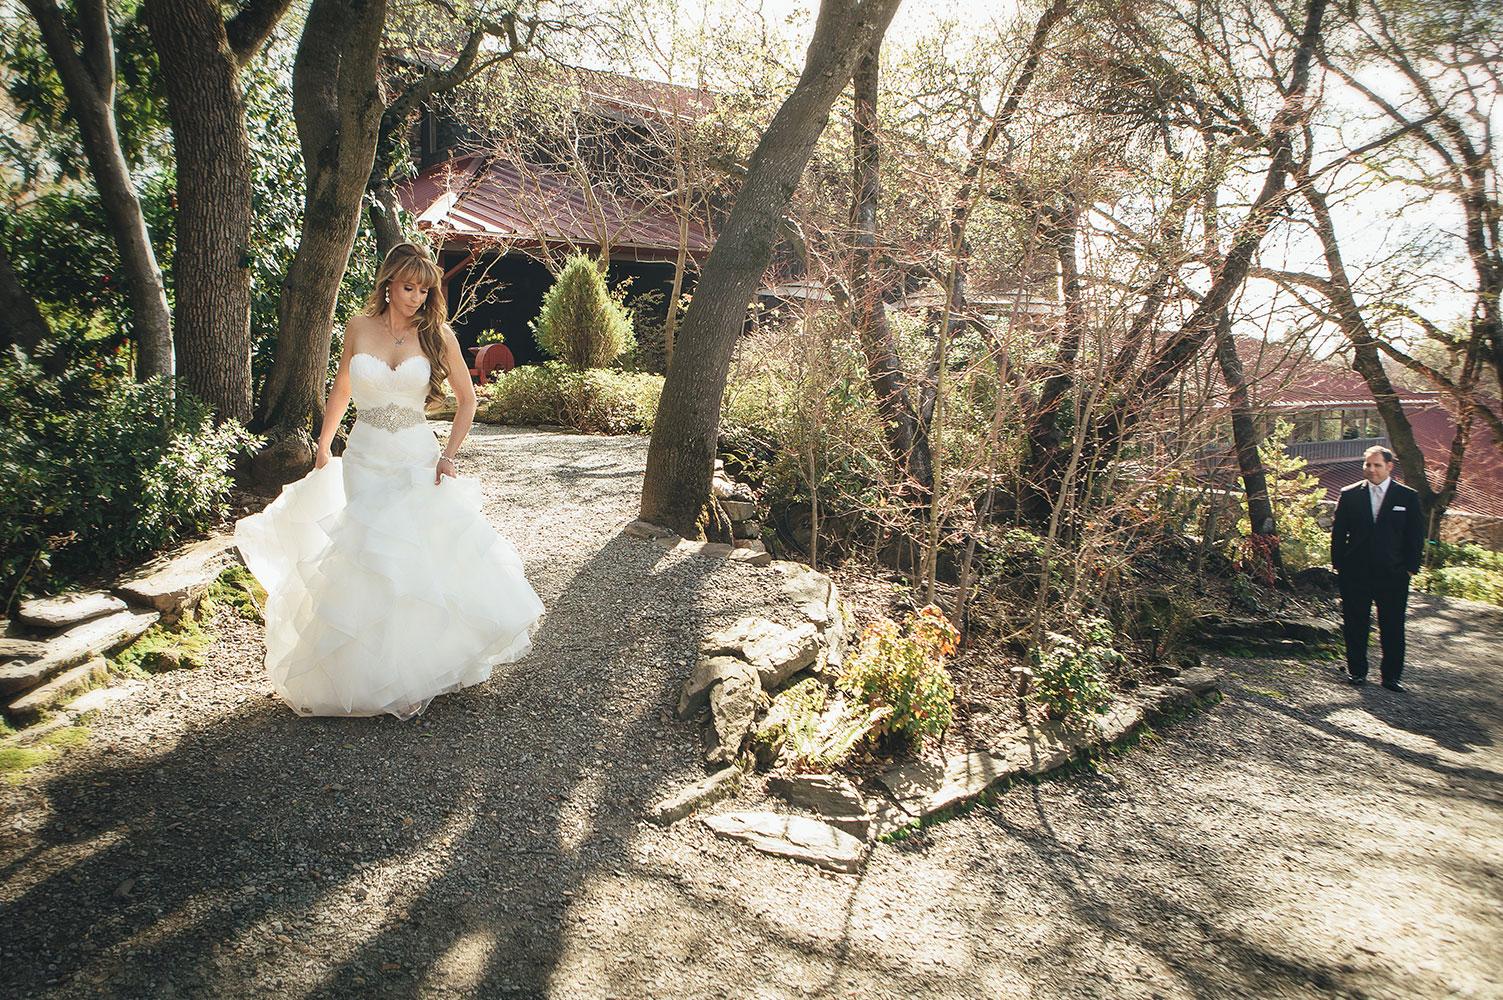 Wedding in Murphys